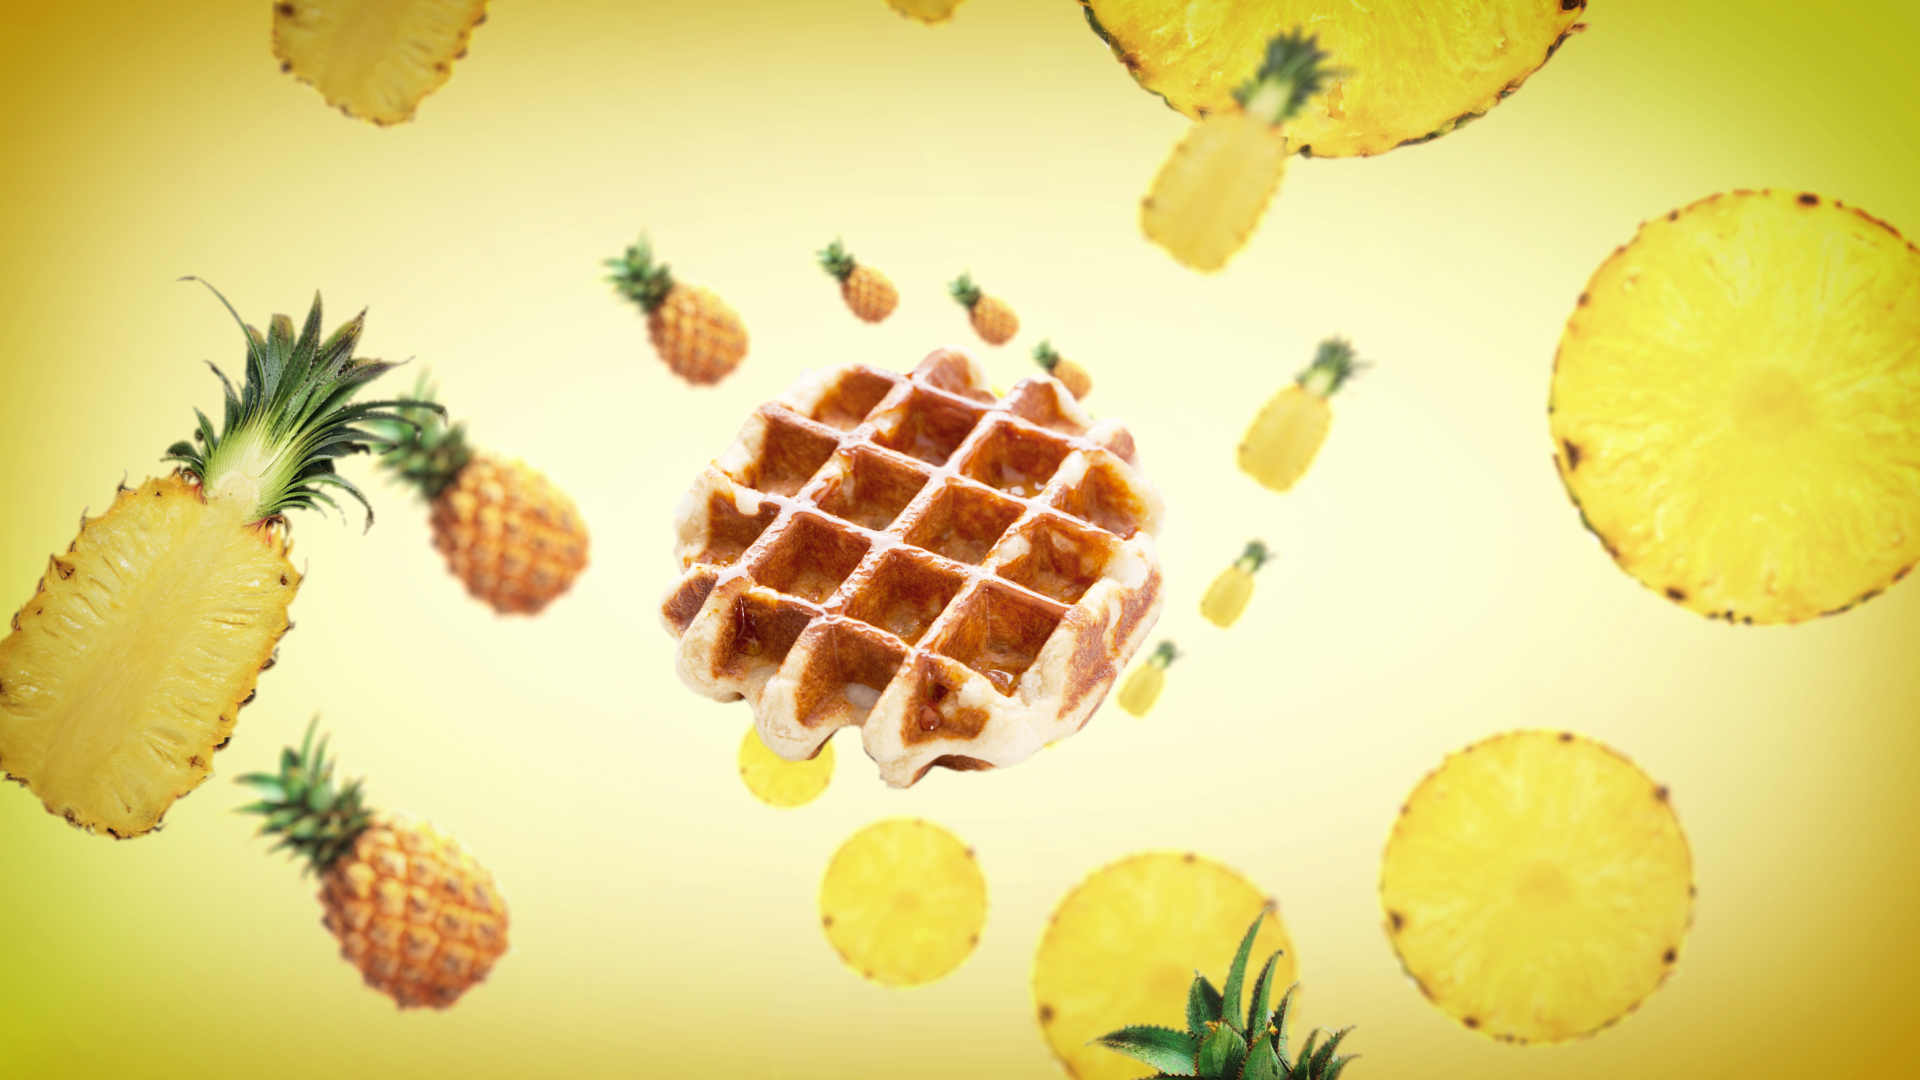 Pineapple 3x Radial rev.jpg